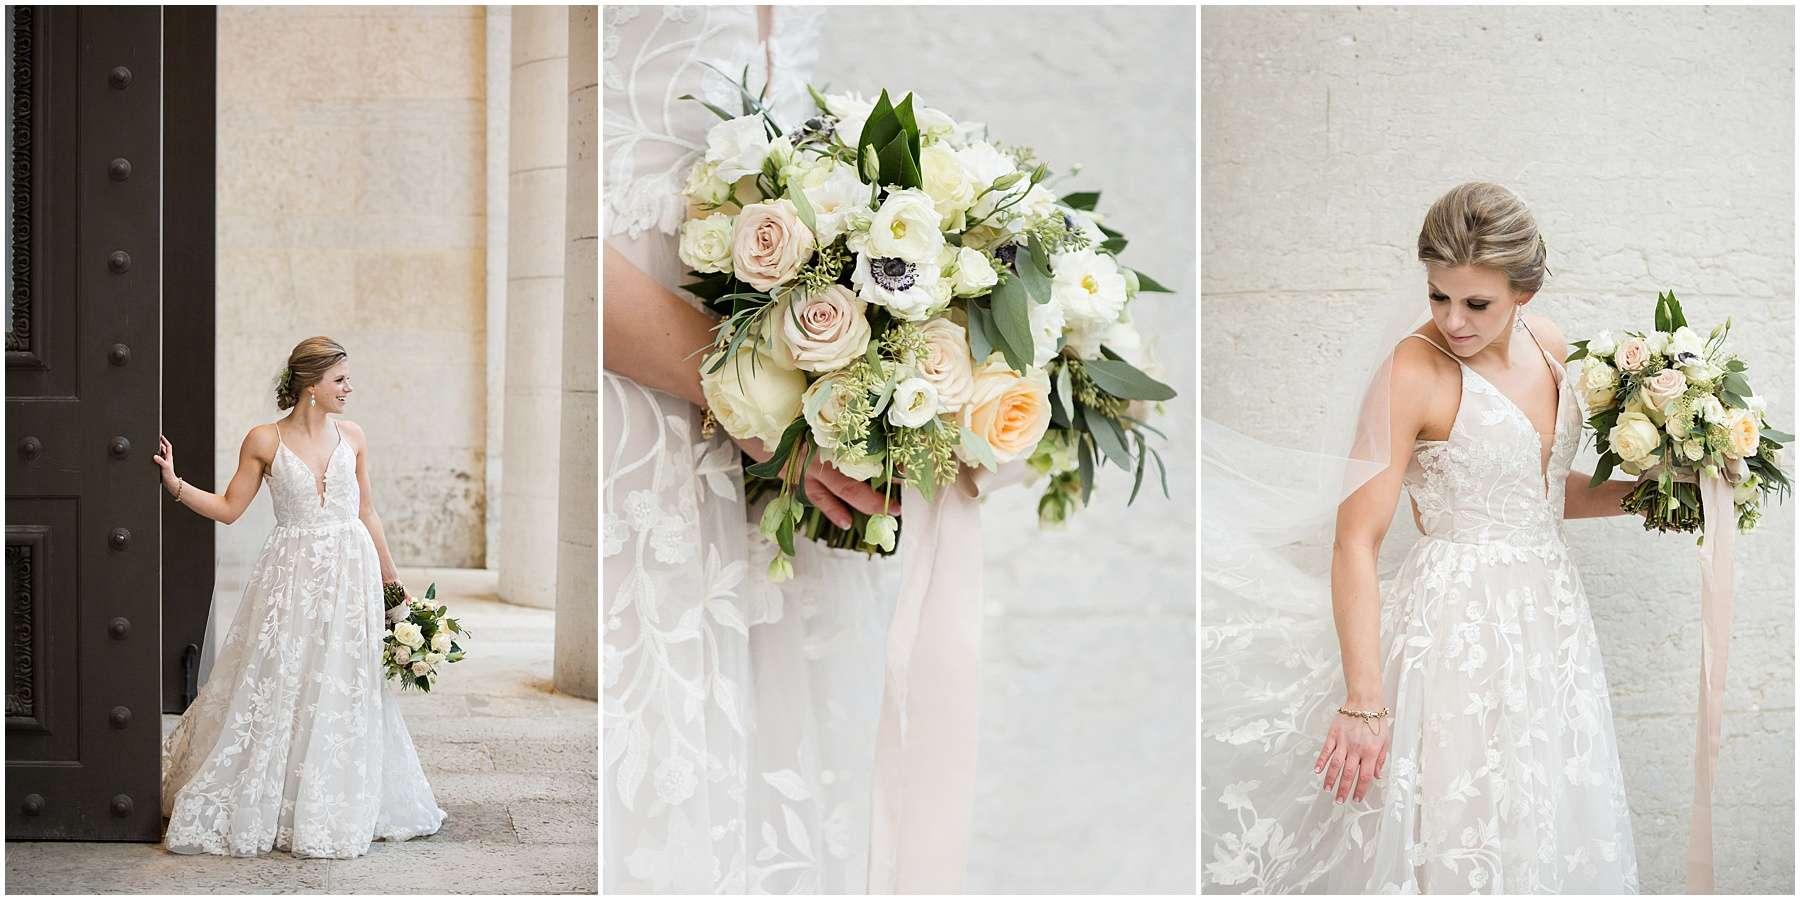 Wedding at the Ohio Statehouse | Columbus Ohio Weddings 170